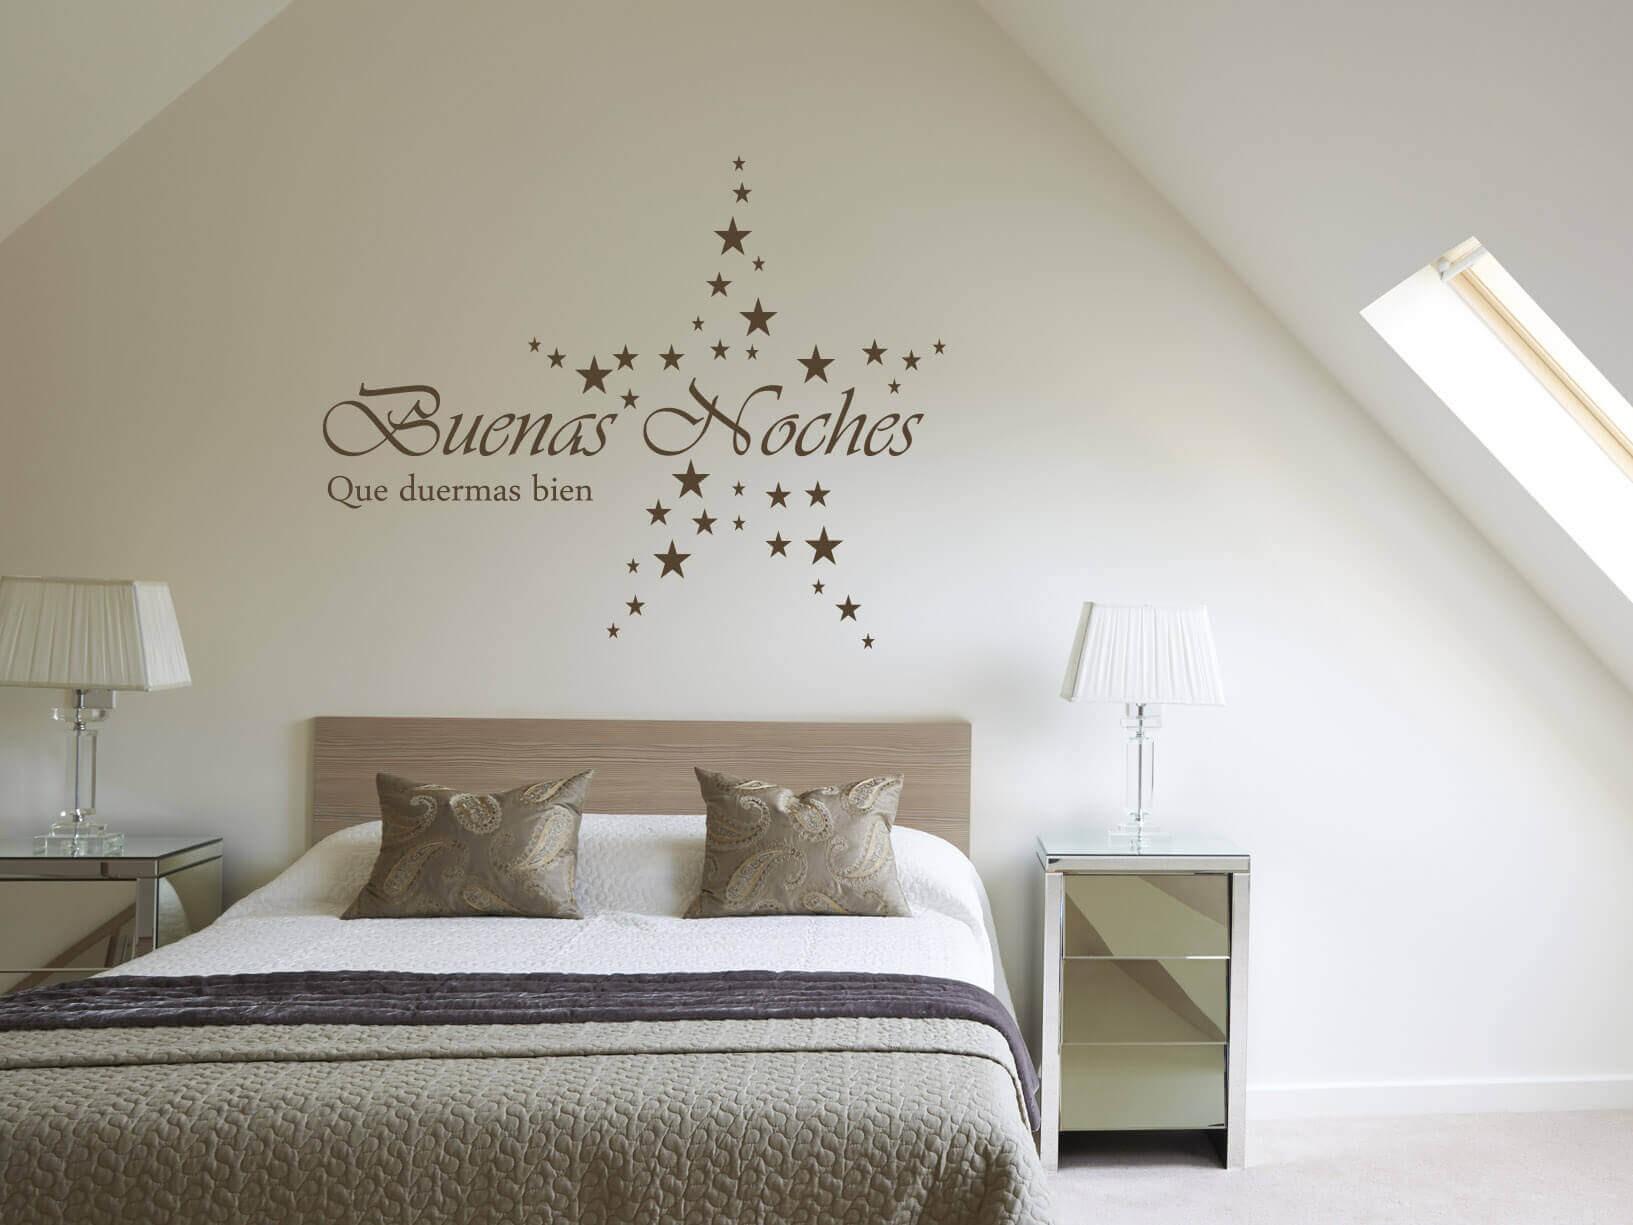 Muursticker Buenas Noches Que duermas bien met sterren